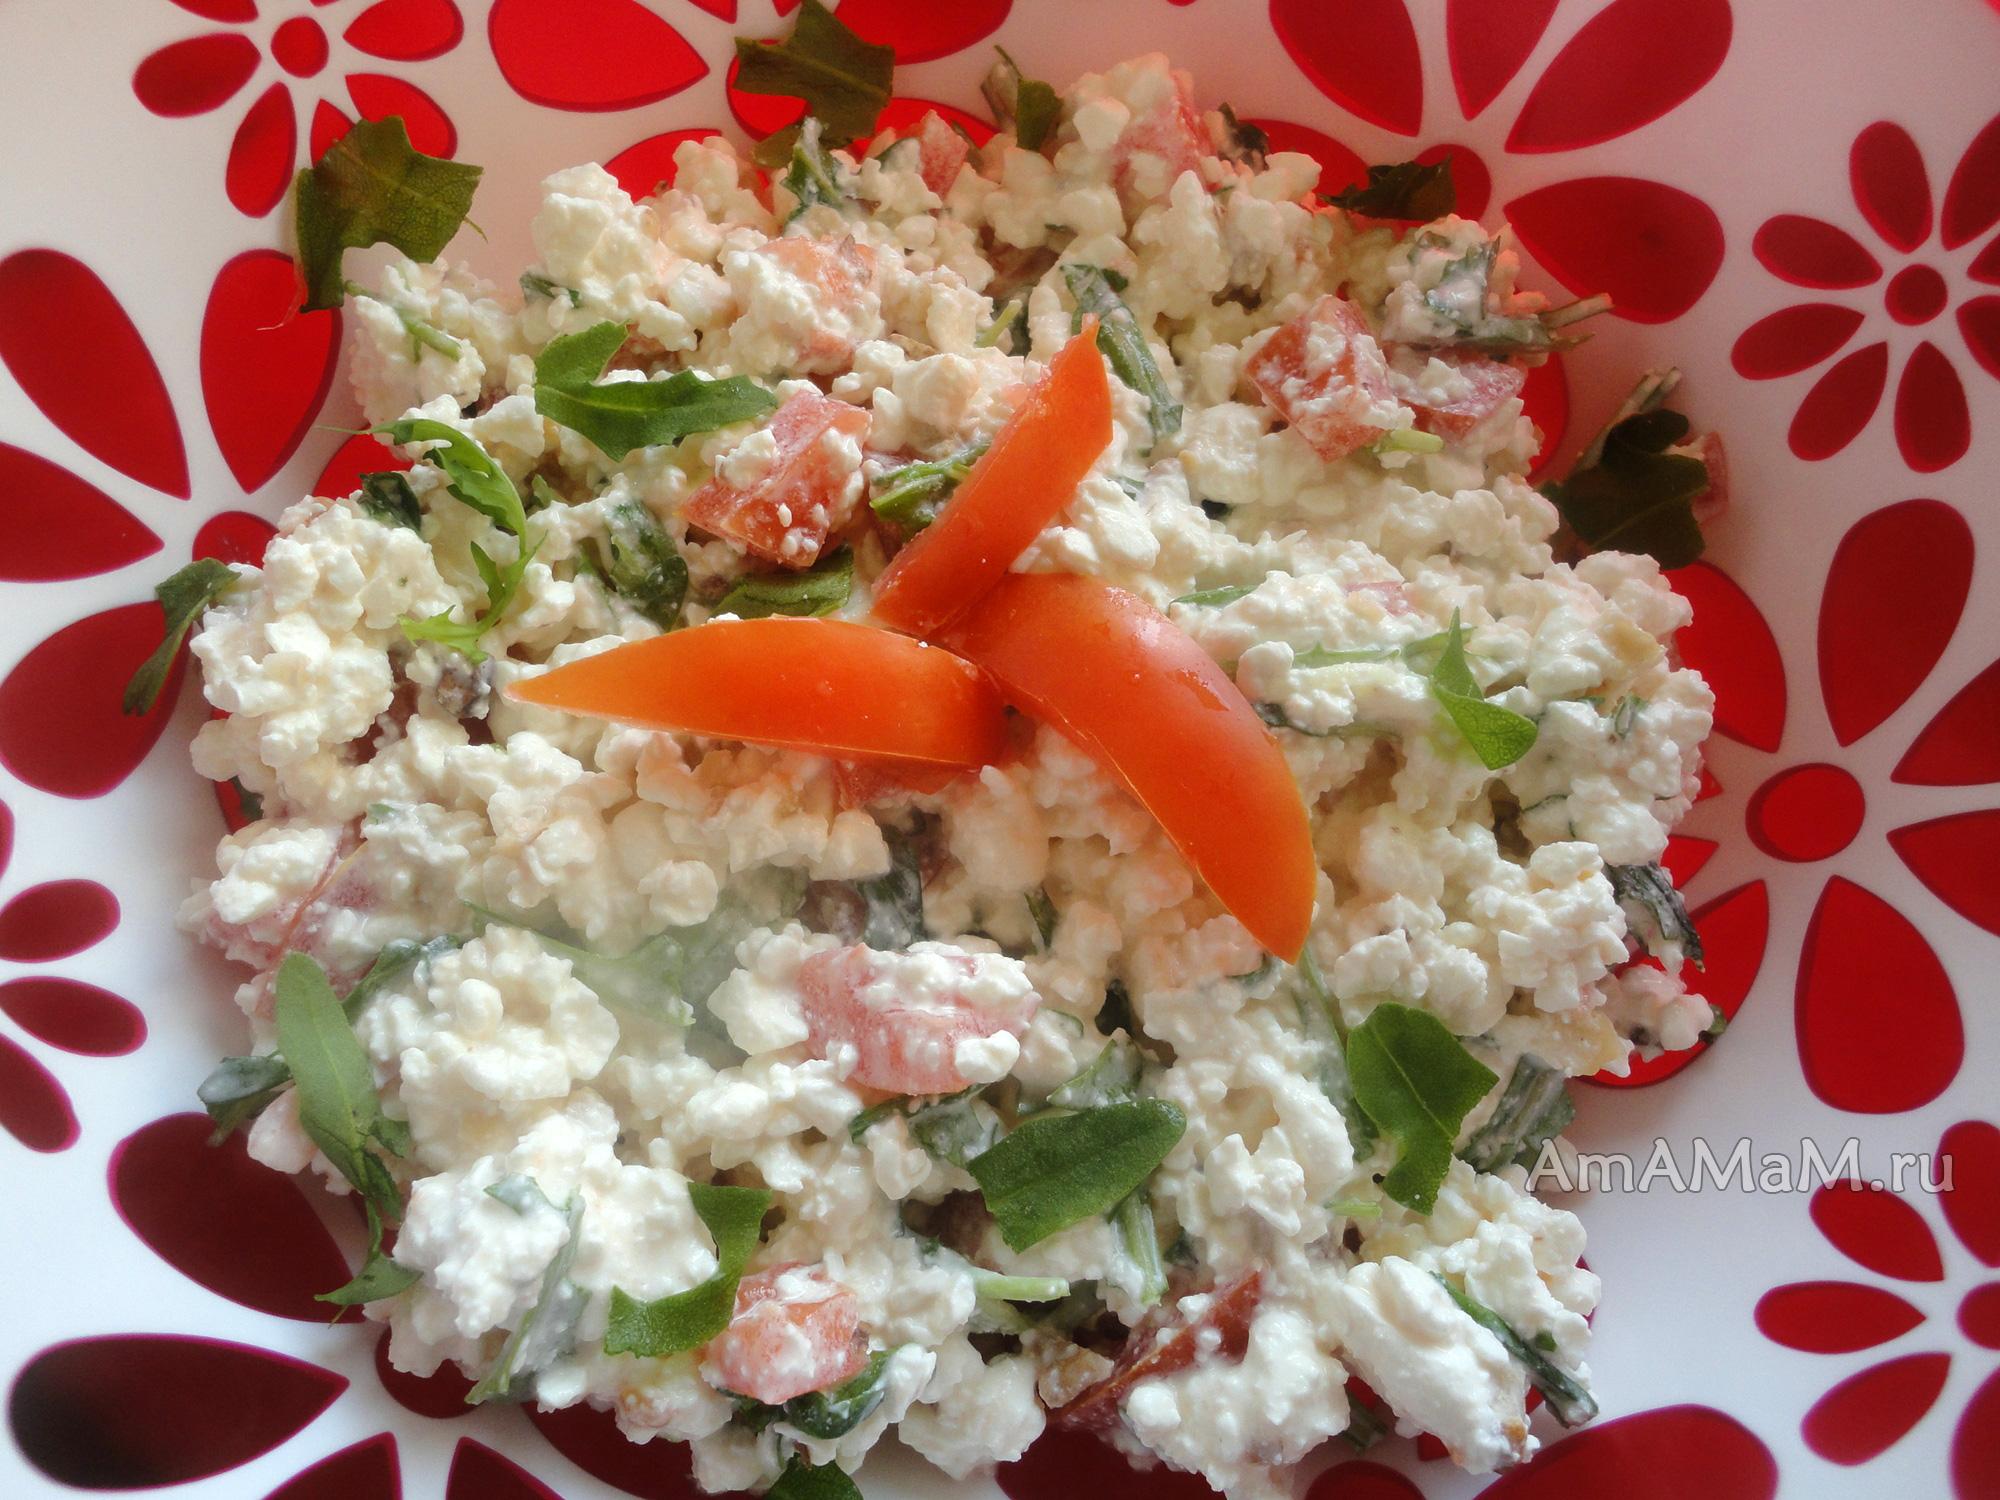 салат из рукколы с помидорами рецепт с фото